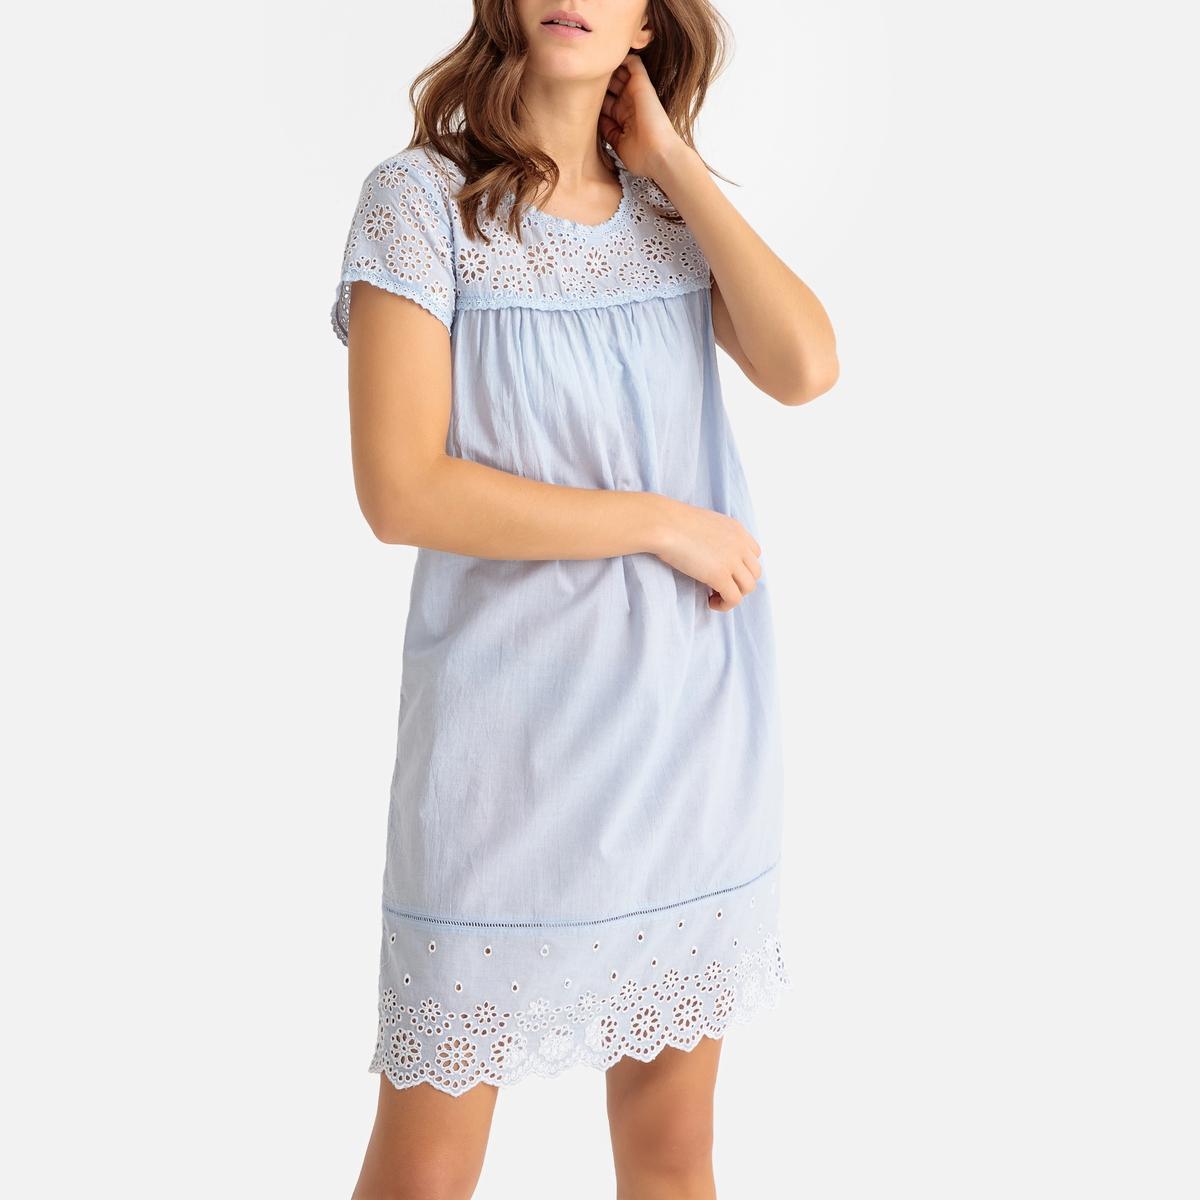 Рубашка ночная из кружева рубашка ночная из кружева